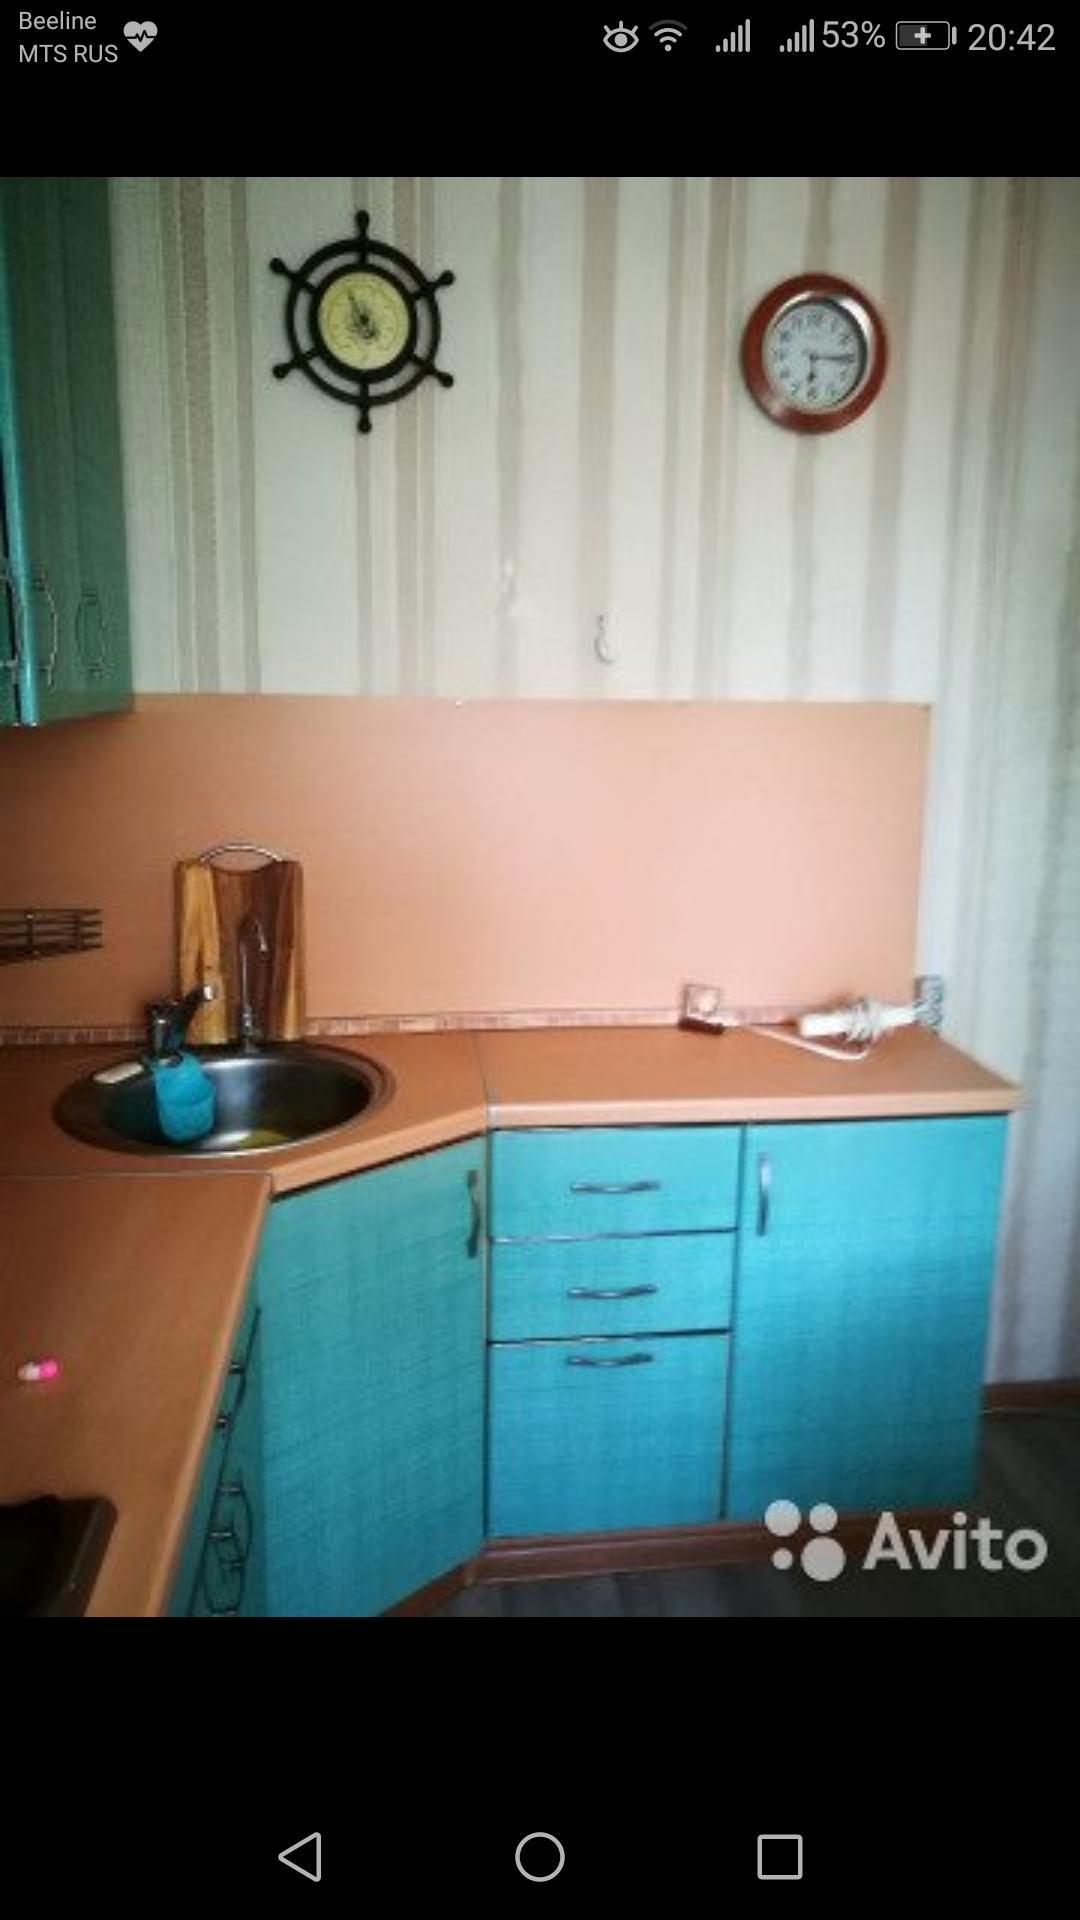 Квартира, 3 комнаты, 57.6 м² в Мытищах 89030184441 купить 7